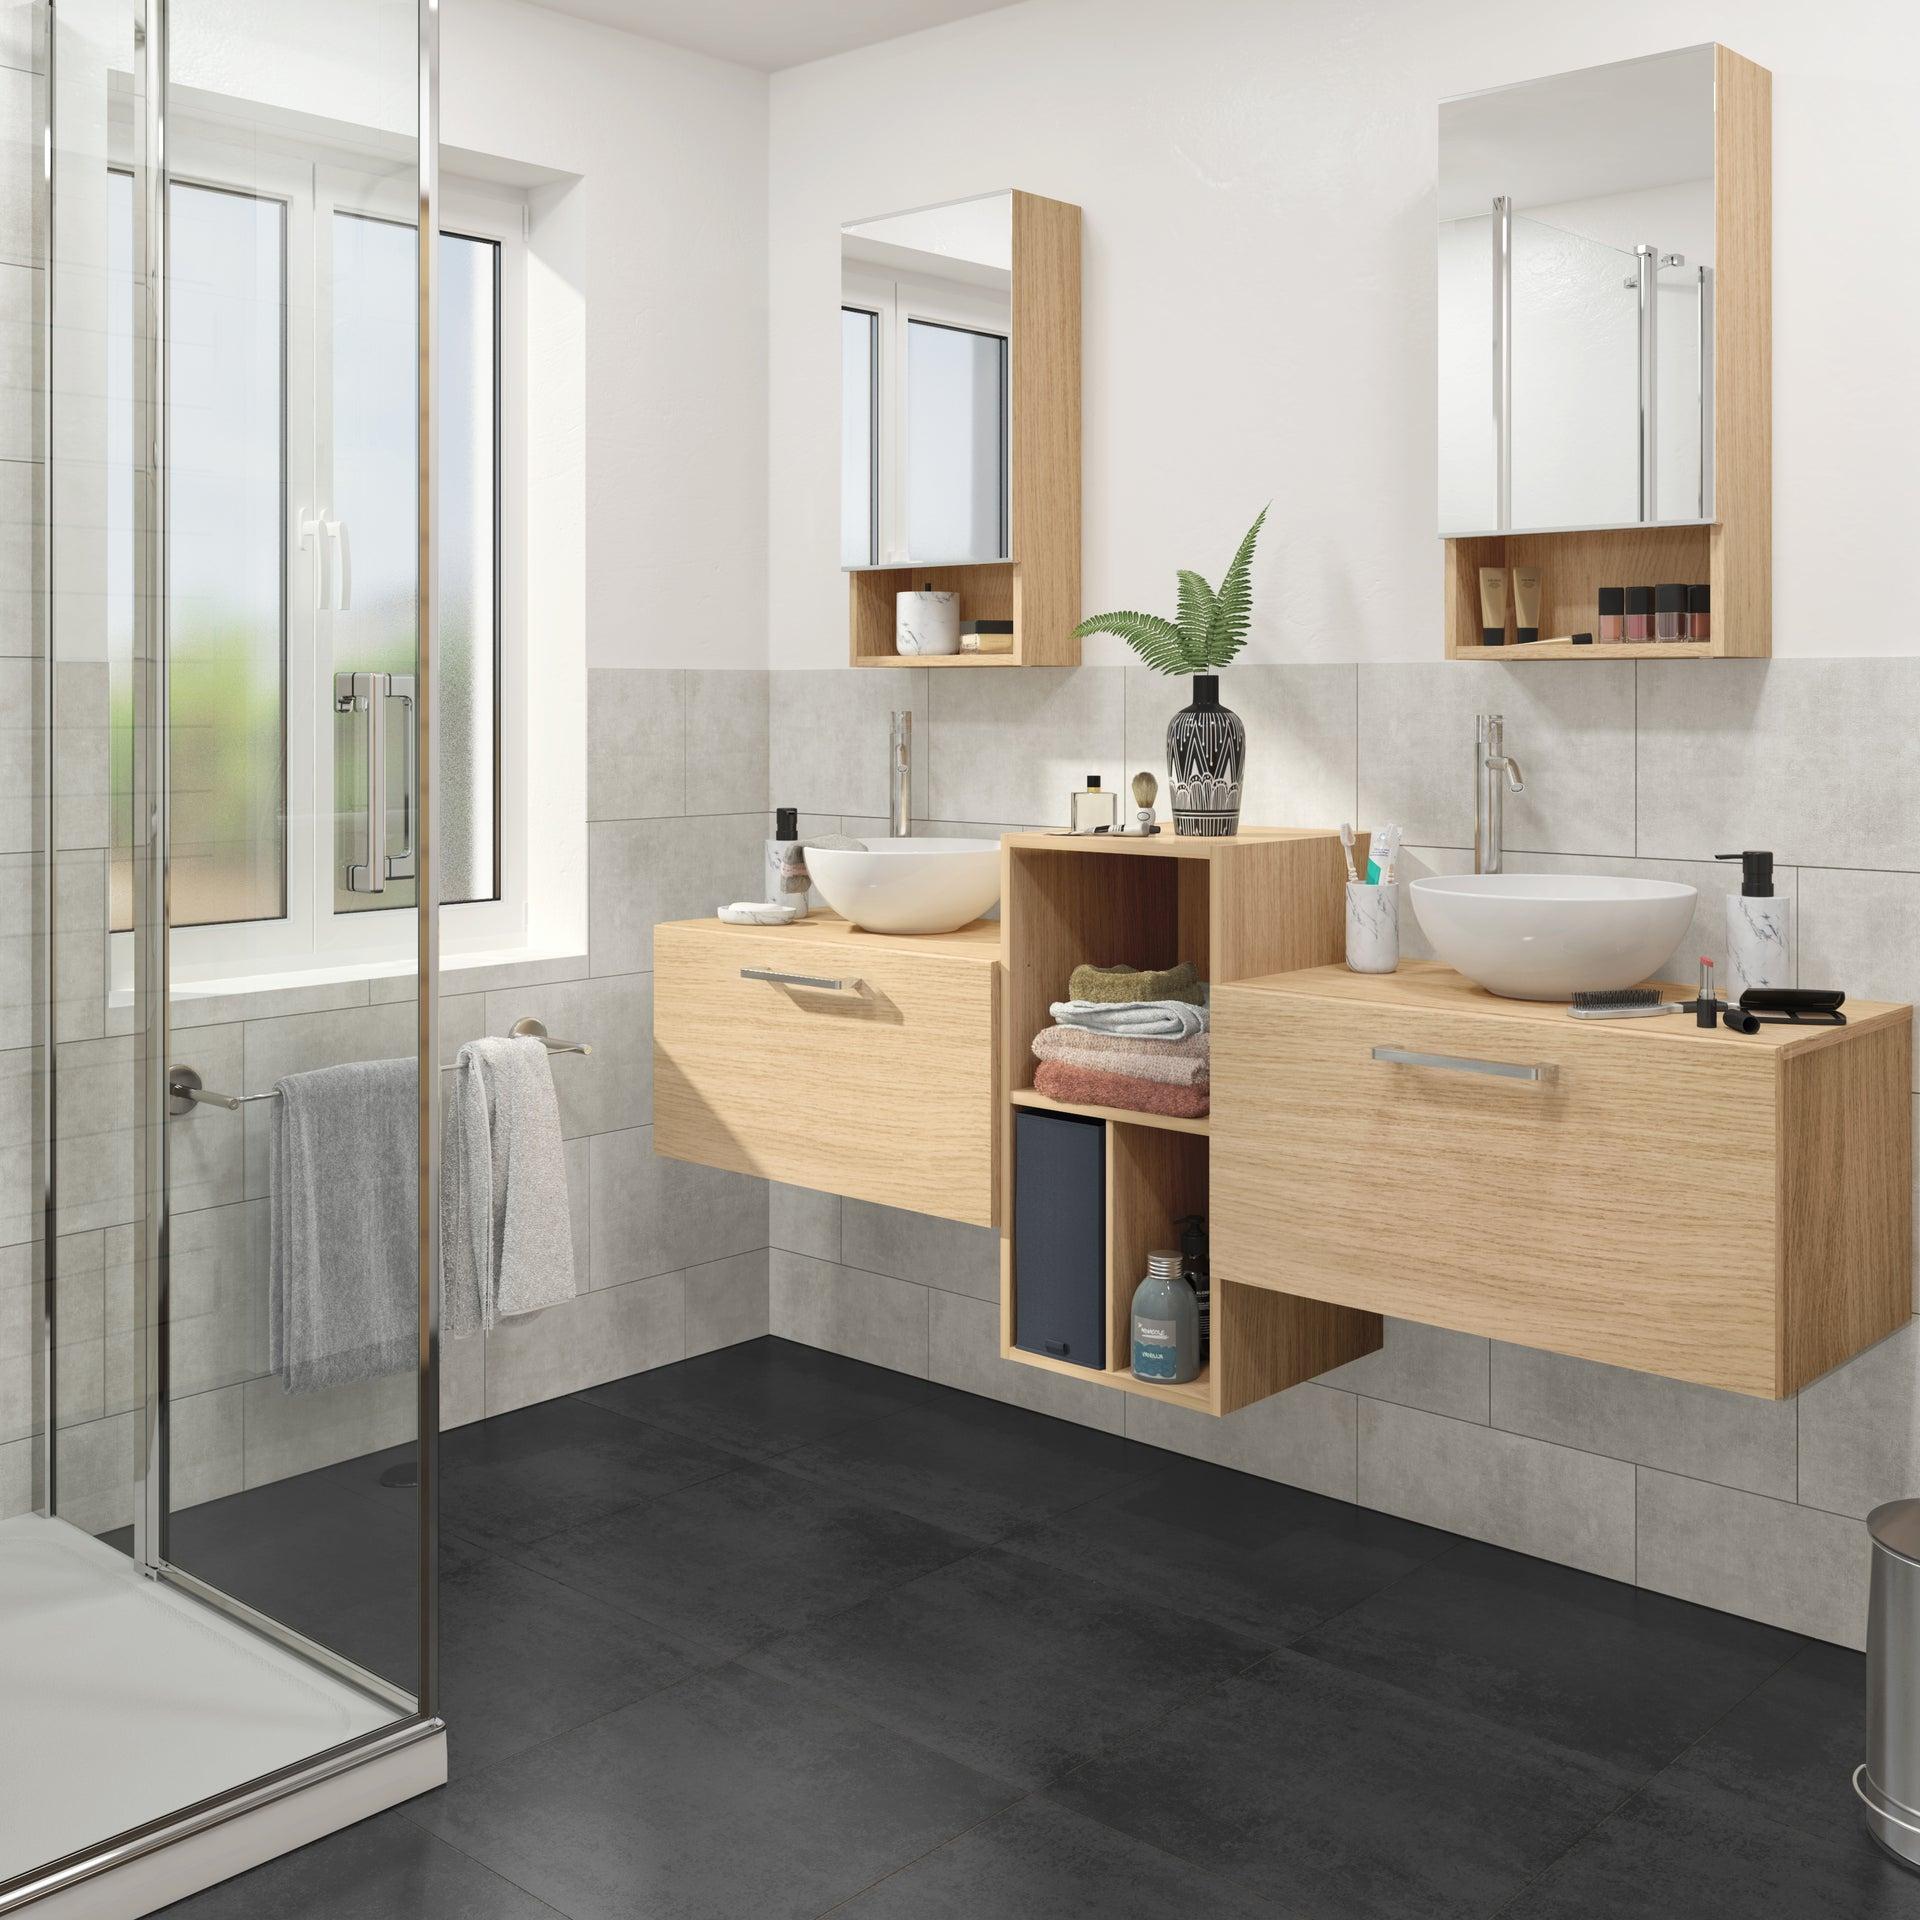 Meuble De Salle De Bains Simple Vasque L 70 X H 35 9 X P 38 Cm Effet Chene Natu Leroy Merlin